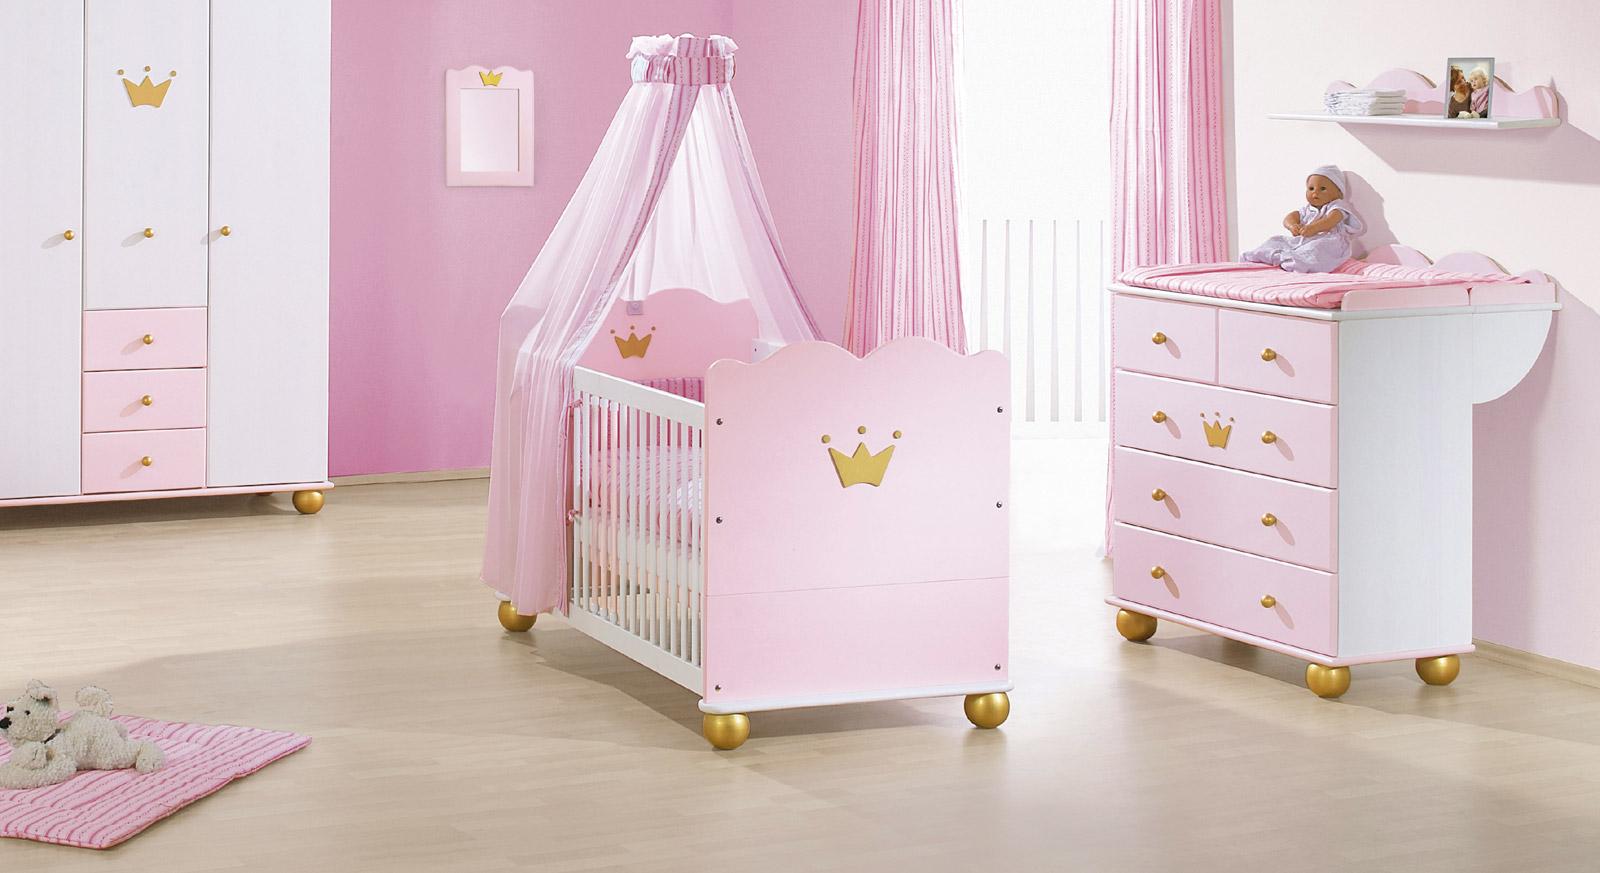 Babybett himmel tüll babybetten stubenwagen beistellbetten